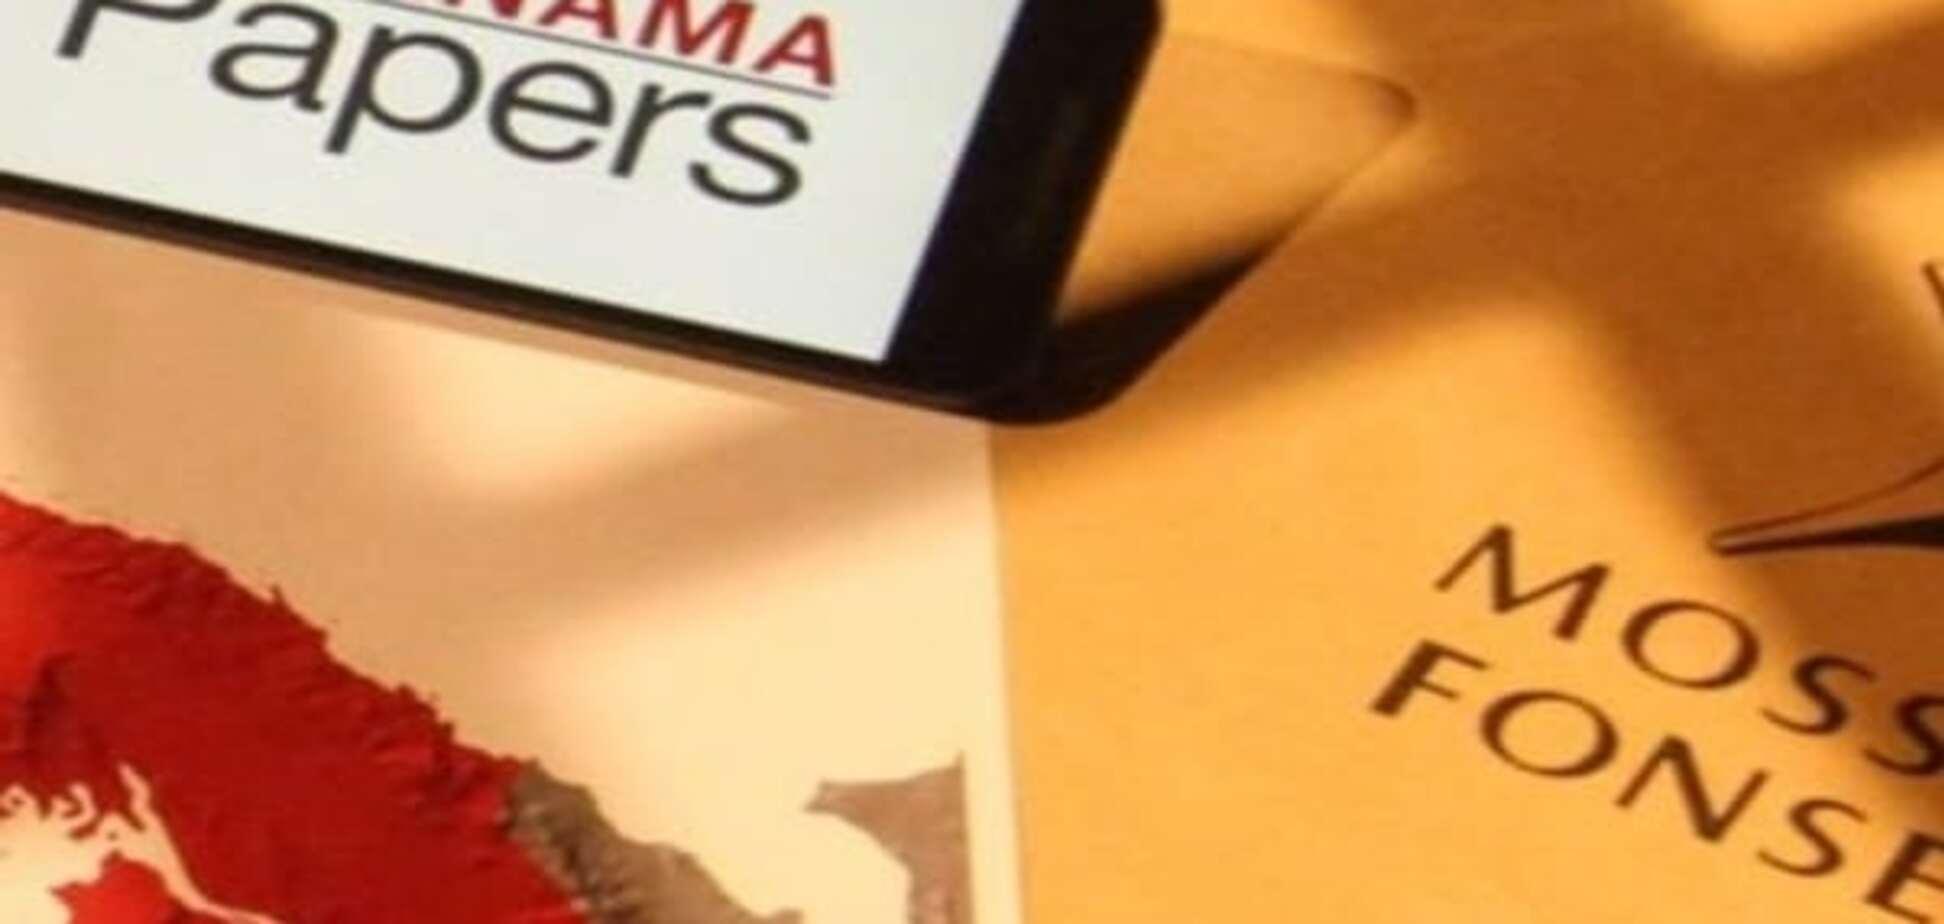 Офшорний скандал: журналісти пообіцяли оприлюднити 'вражаючі документи'